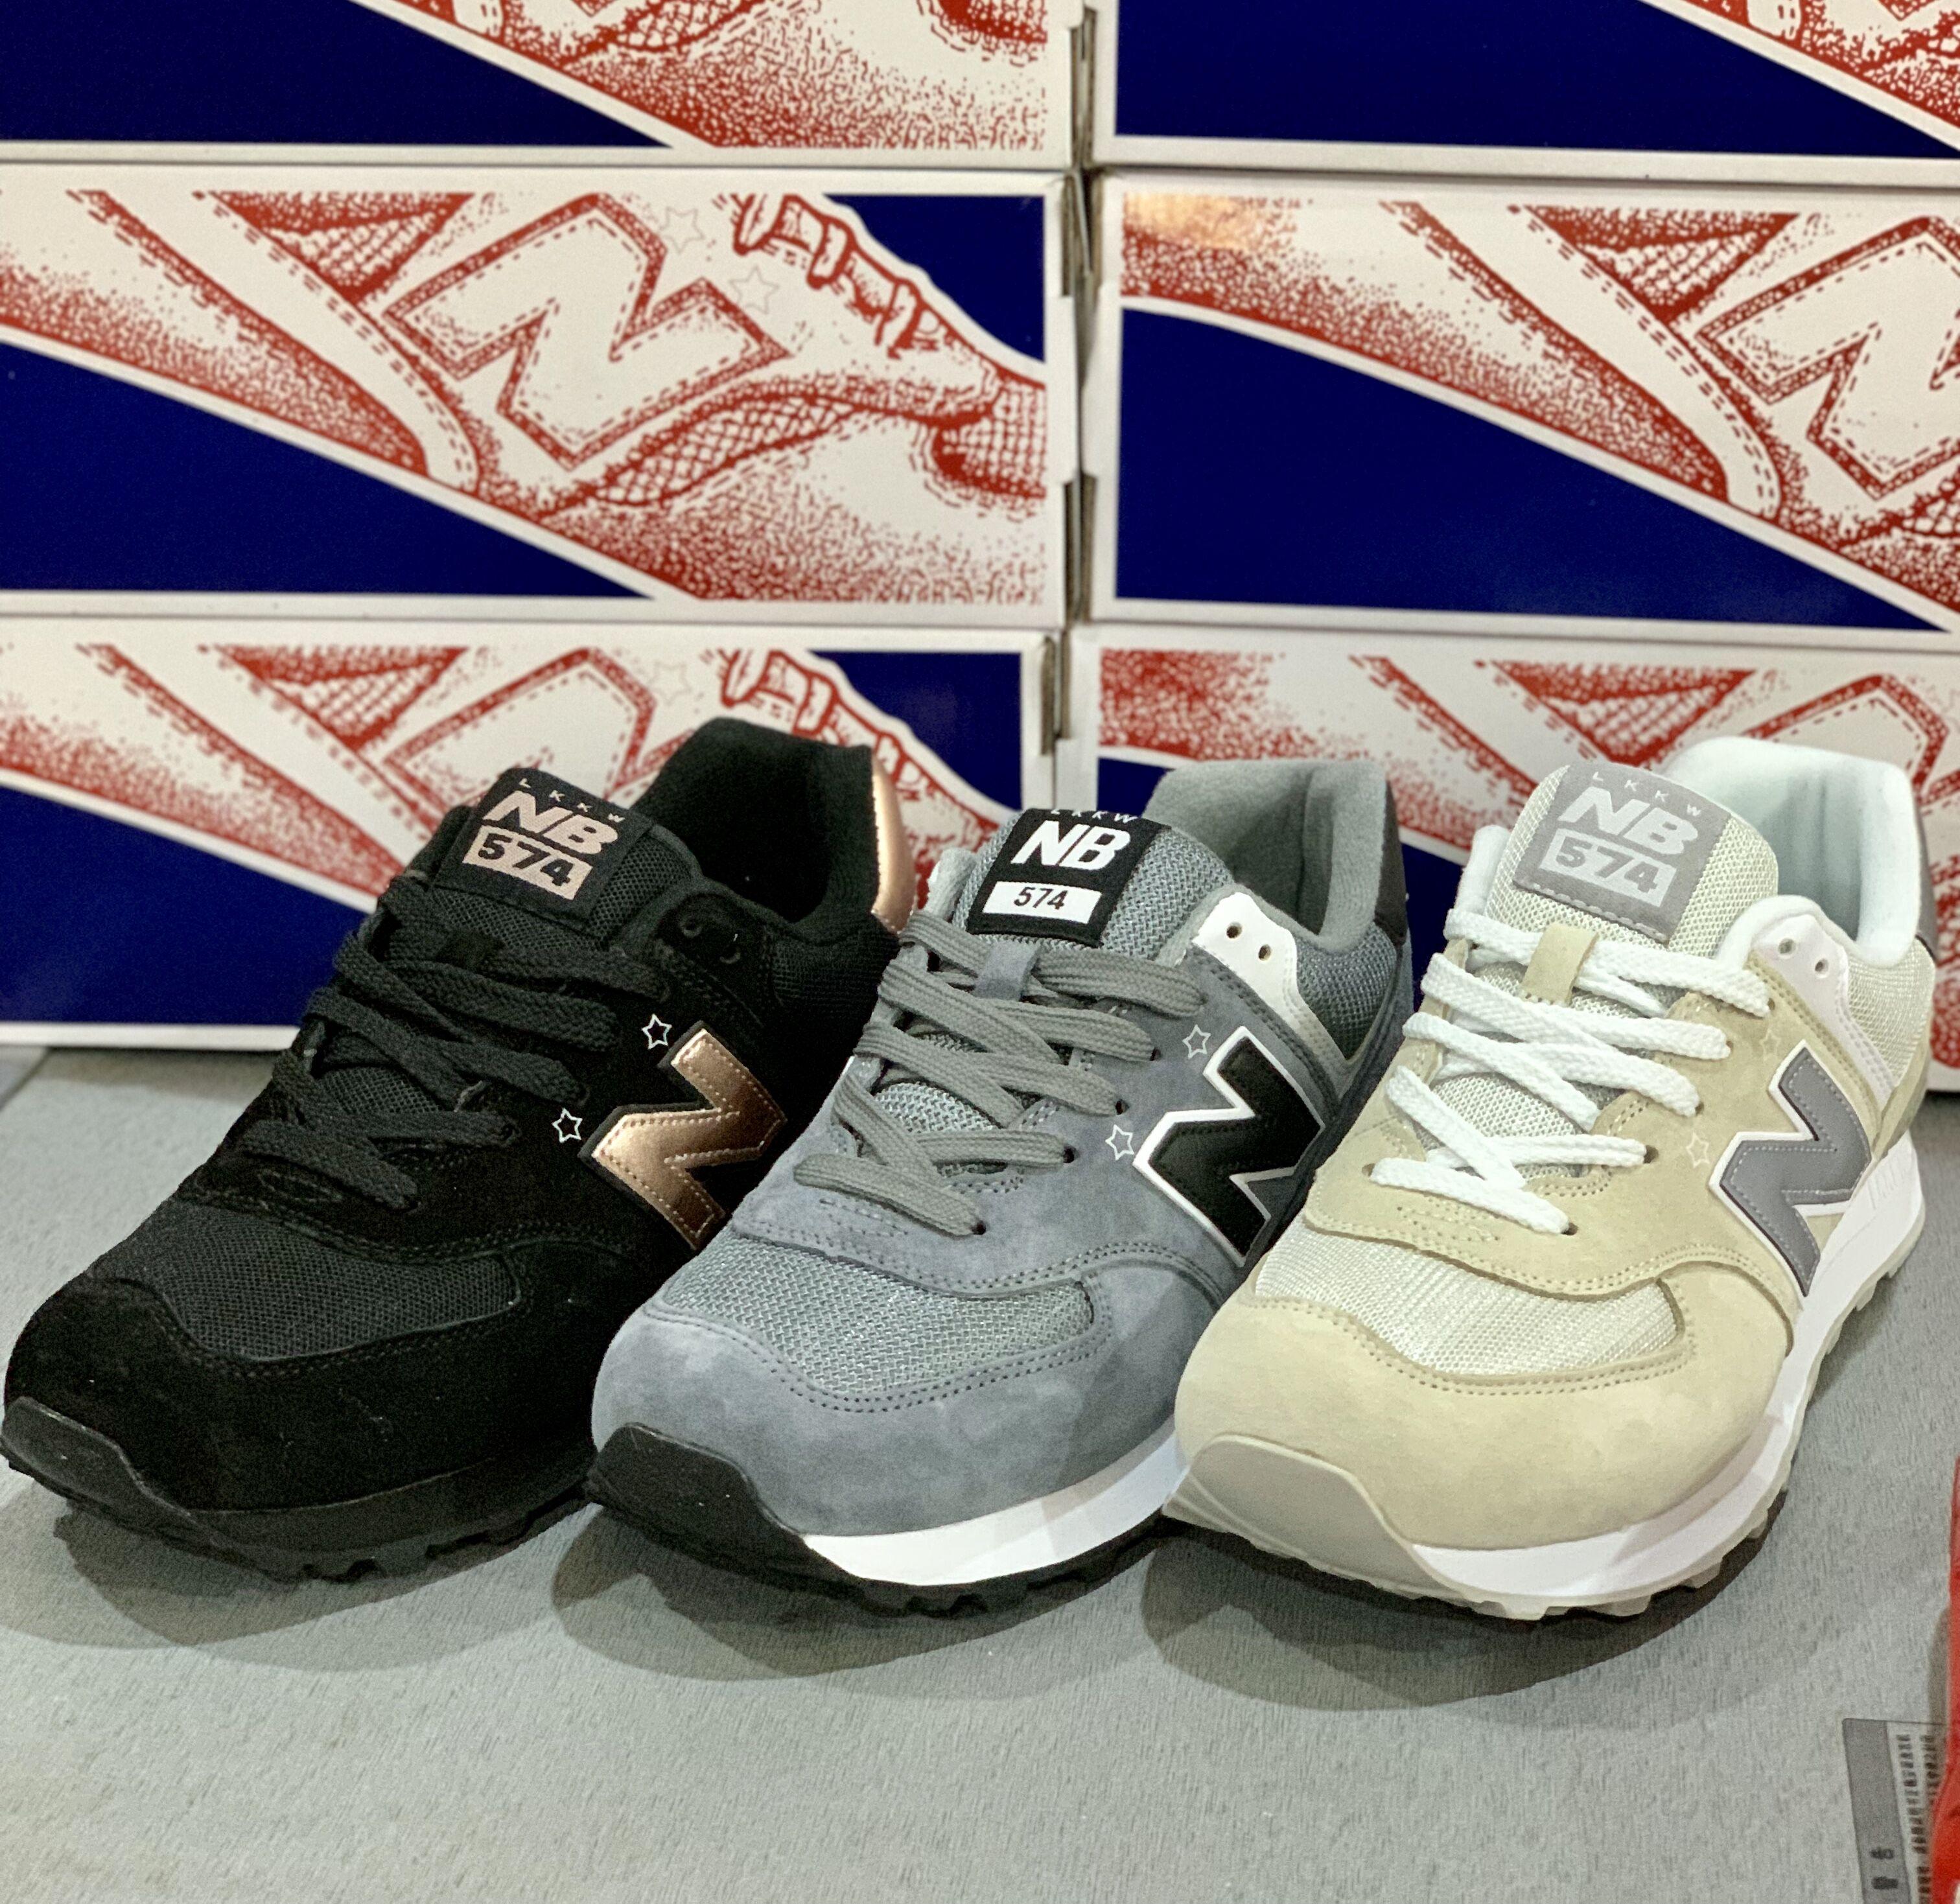 新百伦运动鞋公司N正品NB574男女鞋夏季透气跑步鞋官方旗舰店官网